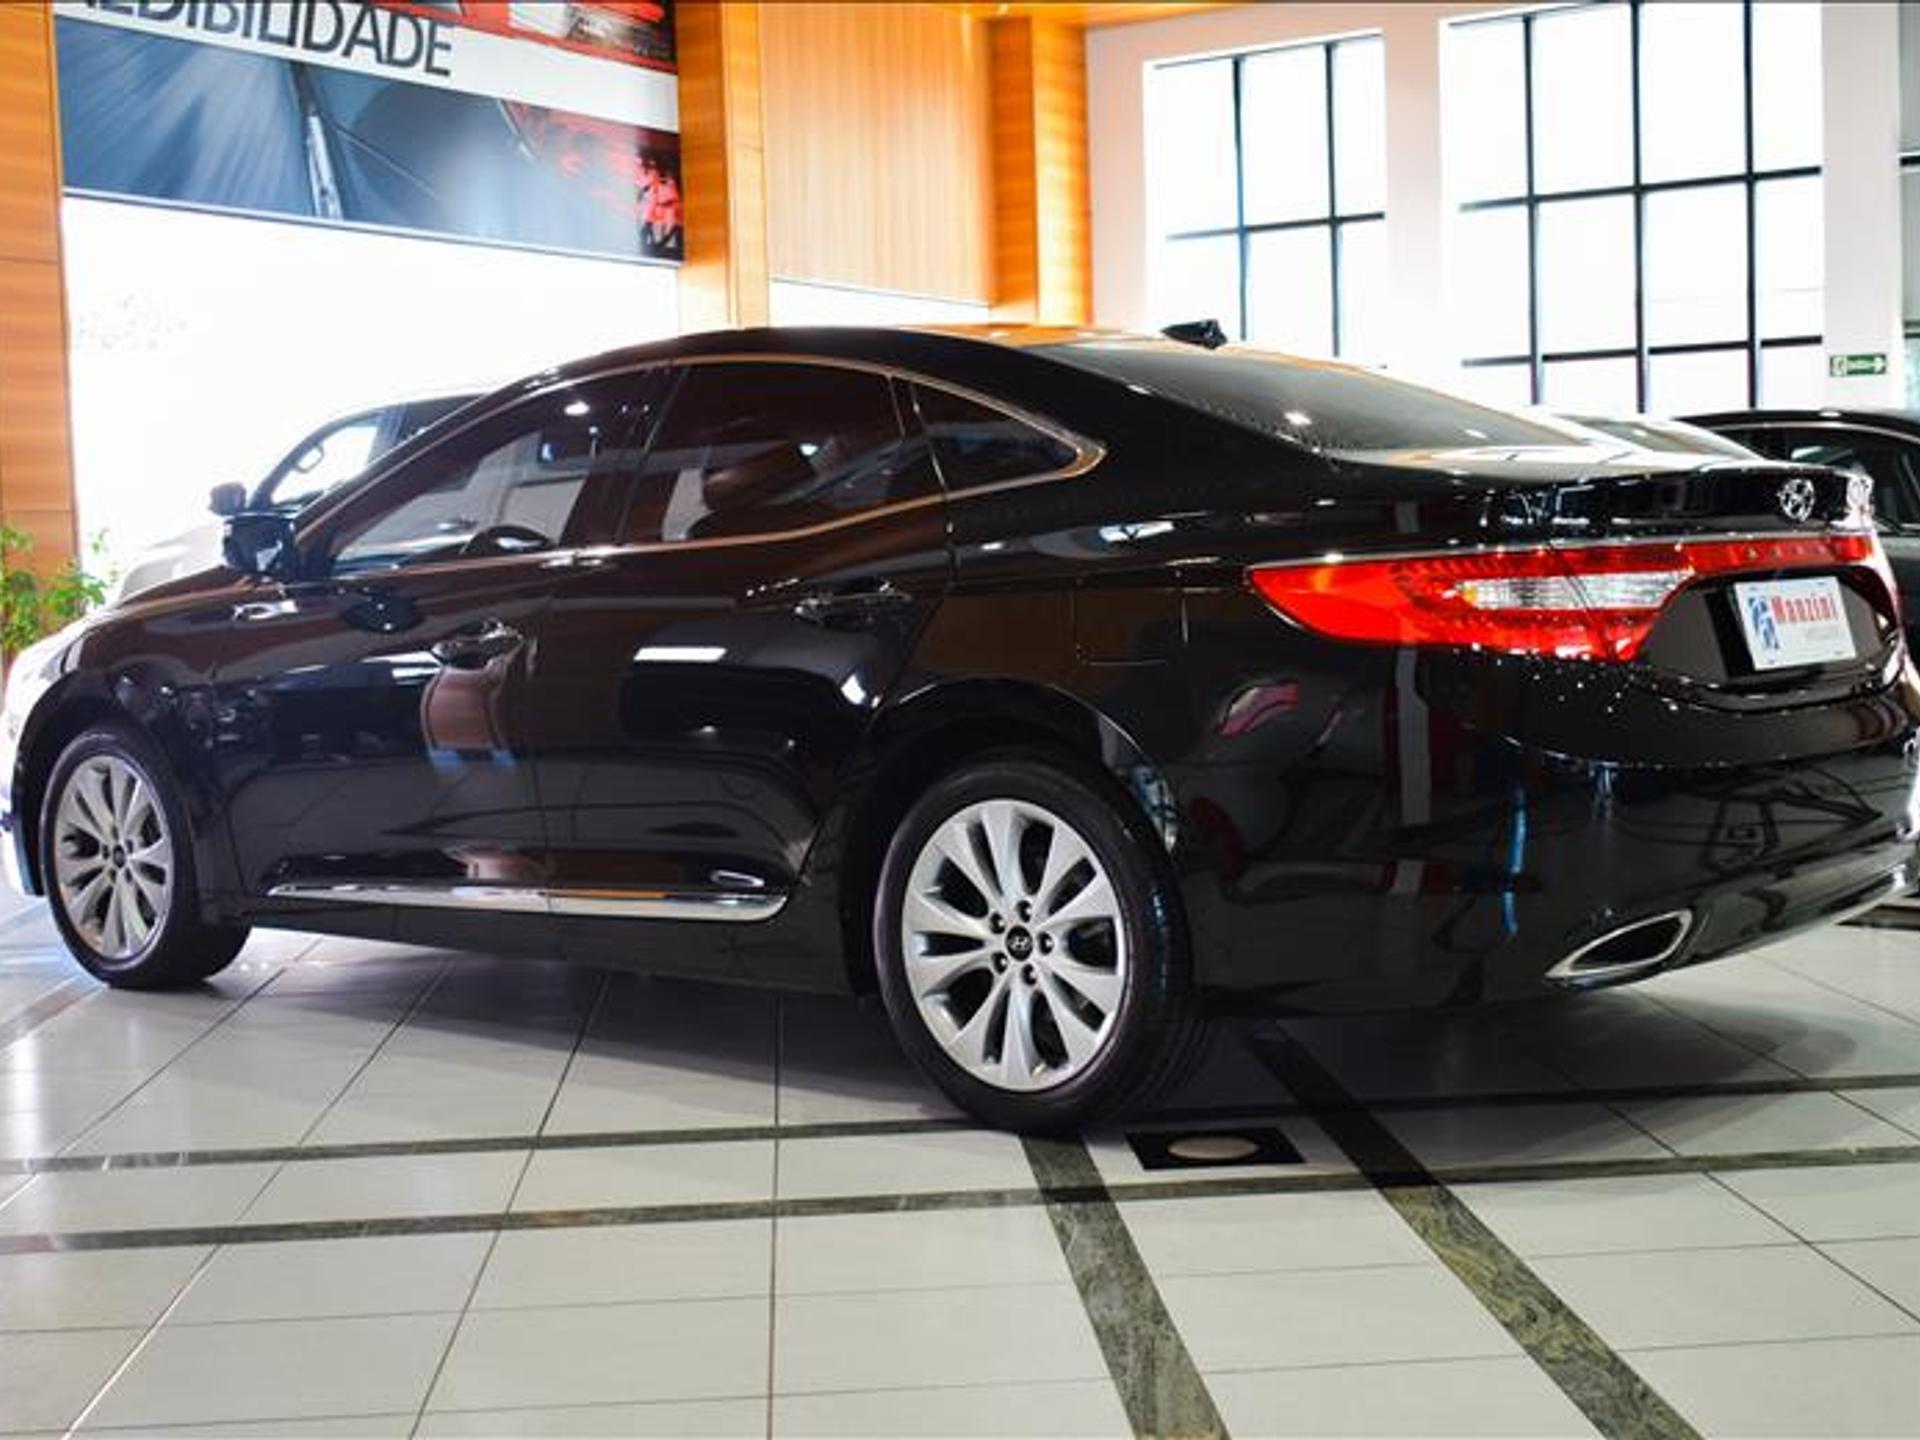 Hyundai Azera 3.0 Mpfi Gls V6 24v Gasolina 4p Automatico Wmimagem16345169215